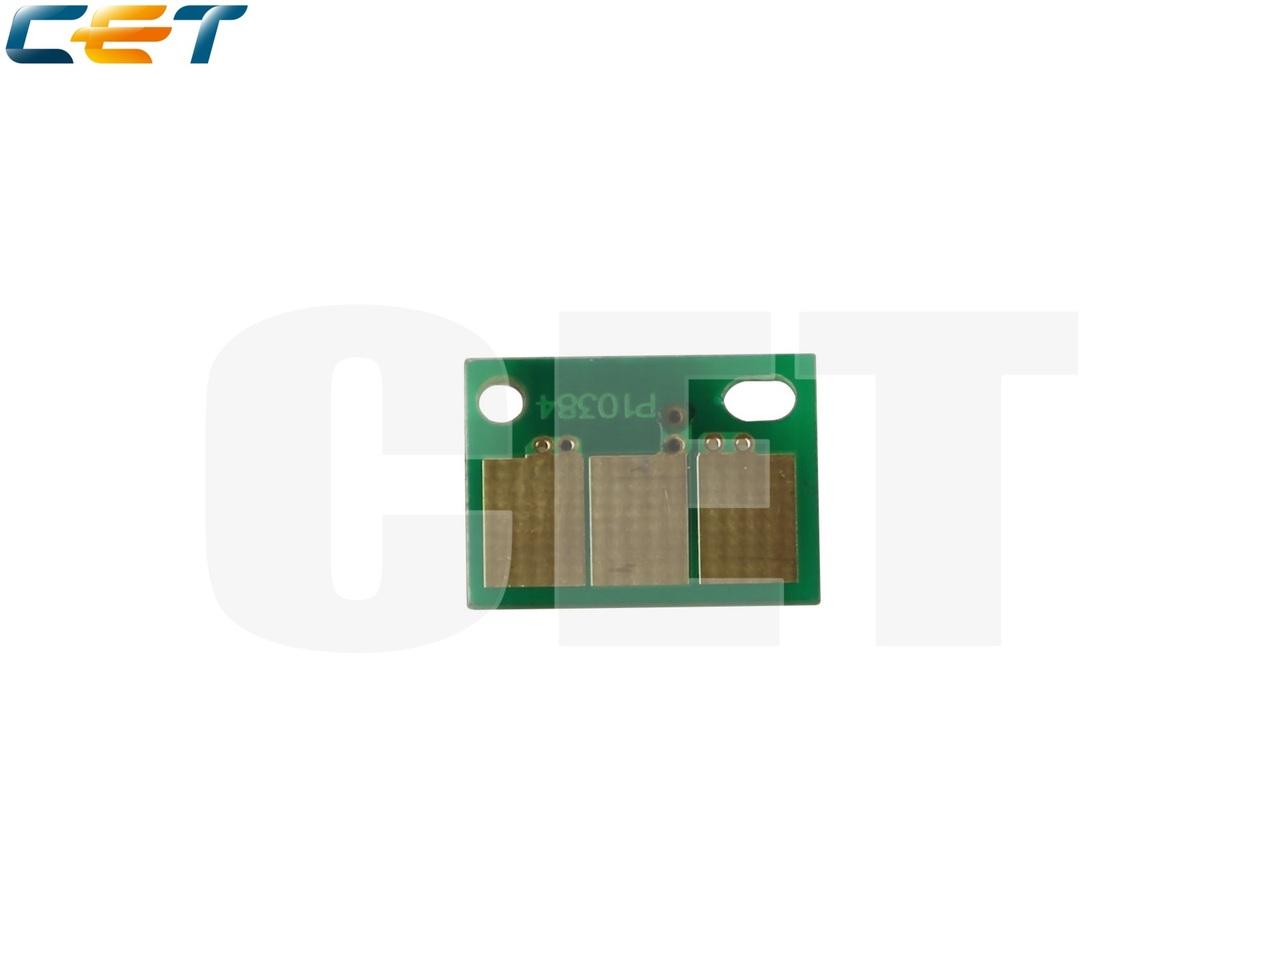 Чип картриджа для KONICA MINOLTA BizhubC454/C554/C454e/C554e (CET) CMYK, CET8266